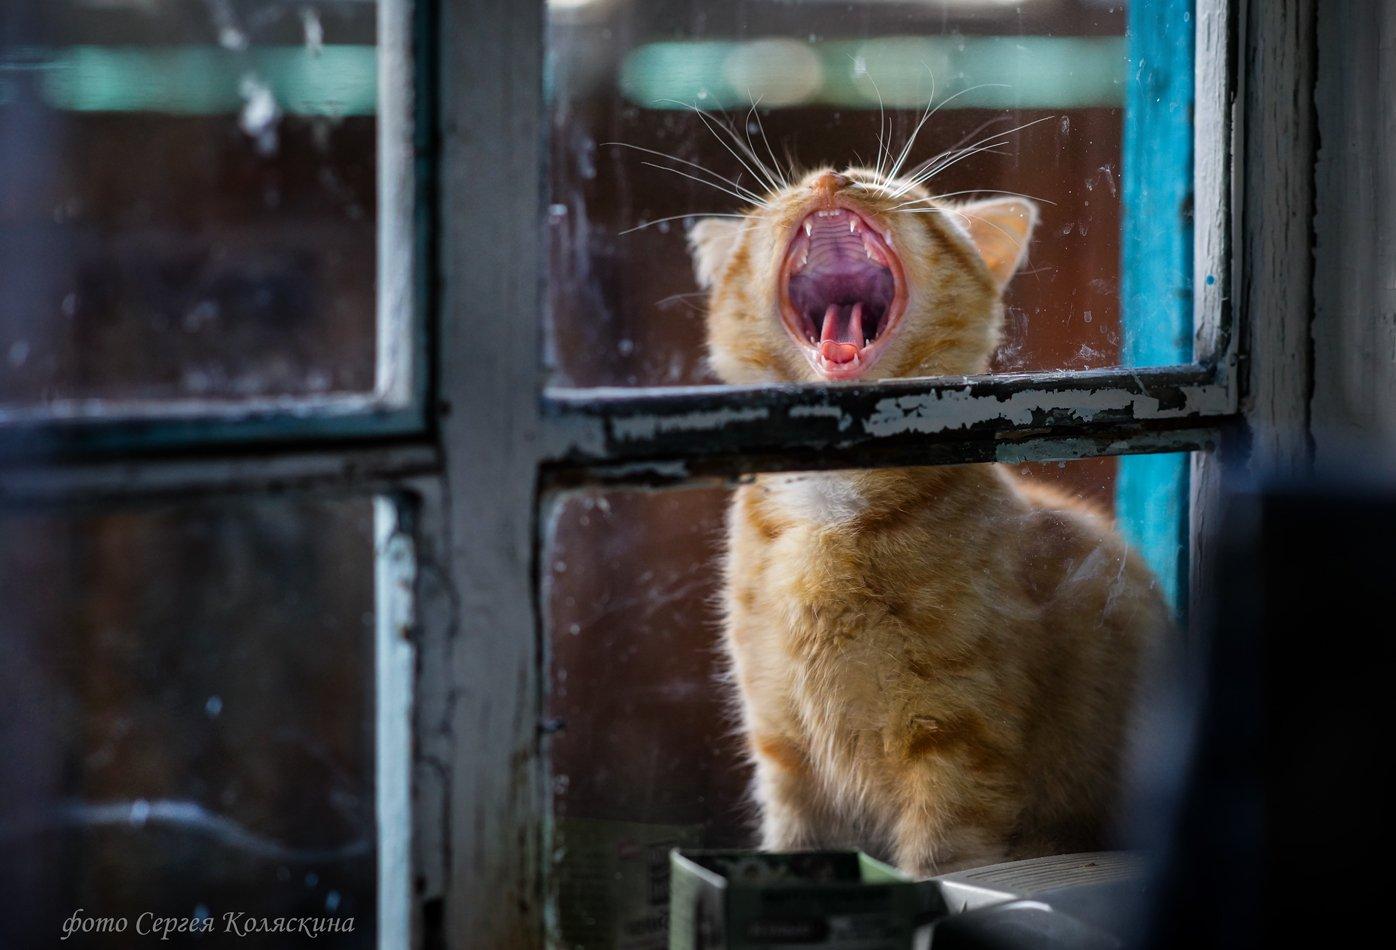 Деревня, Кот, Кошка, Песня, Рыжий, Рыжий кот, Серенада, Сергей Коляскин